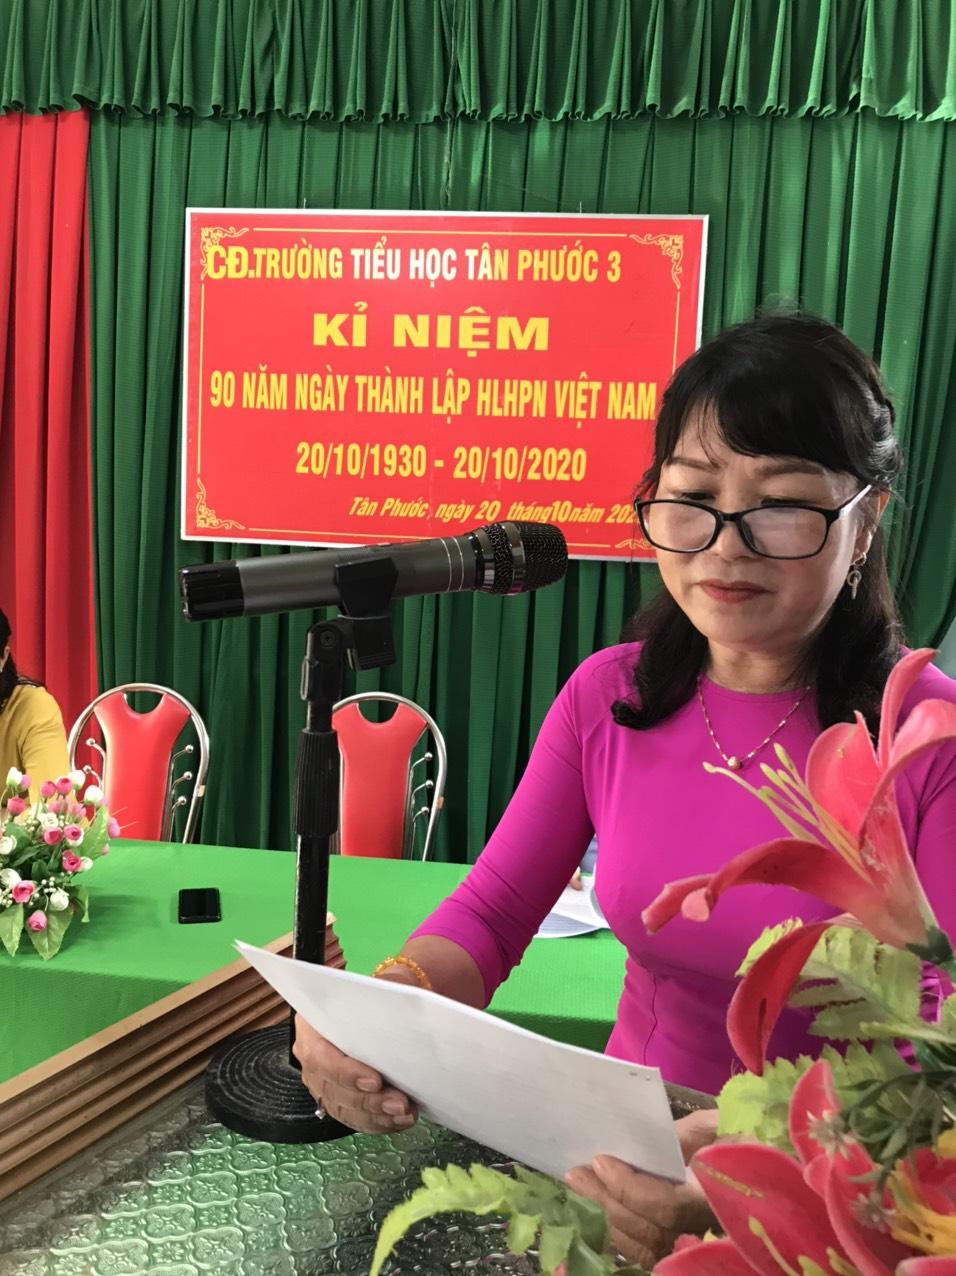 Cô Bùi Thị Thao Bí thư - Hiệu trưởng nhà lên ôn lại Truyền thống Ngày Phụ nữ Việt Nam 20-10